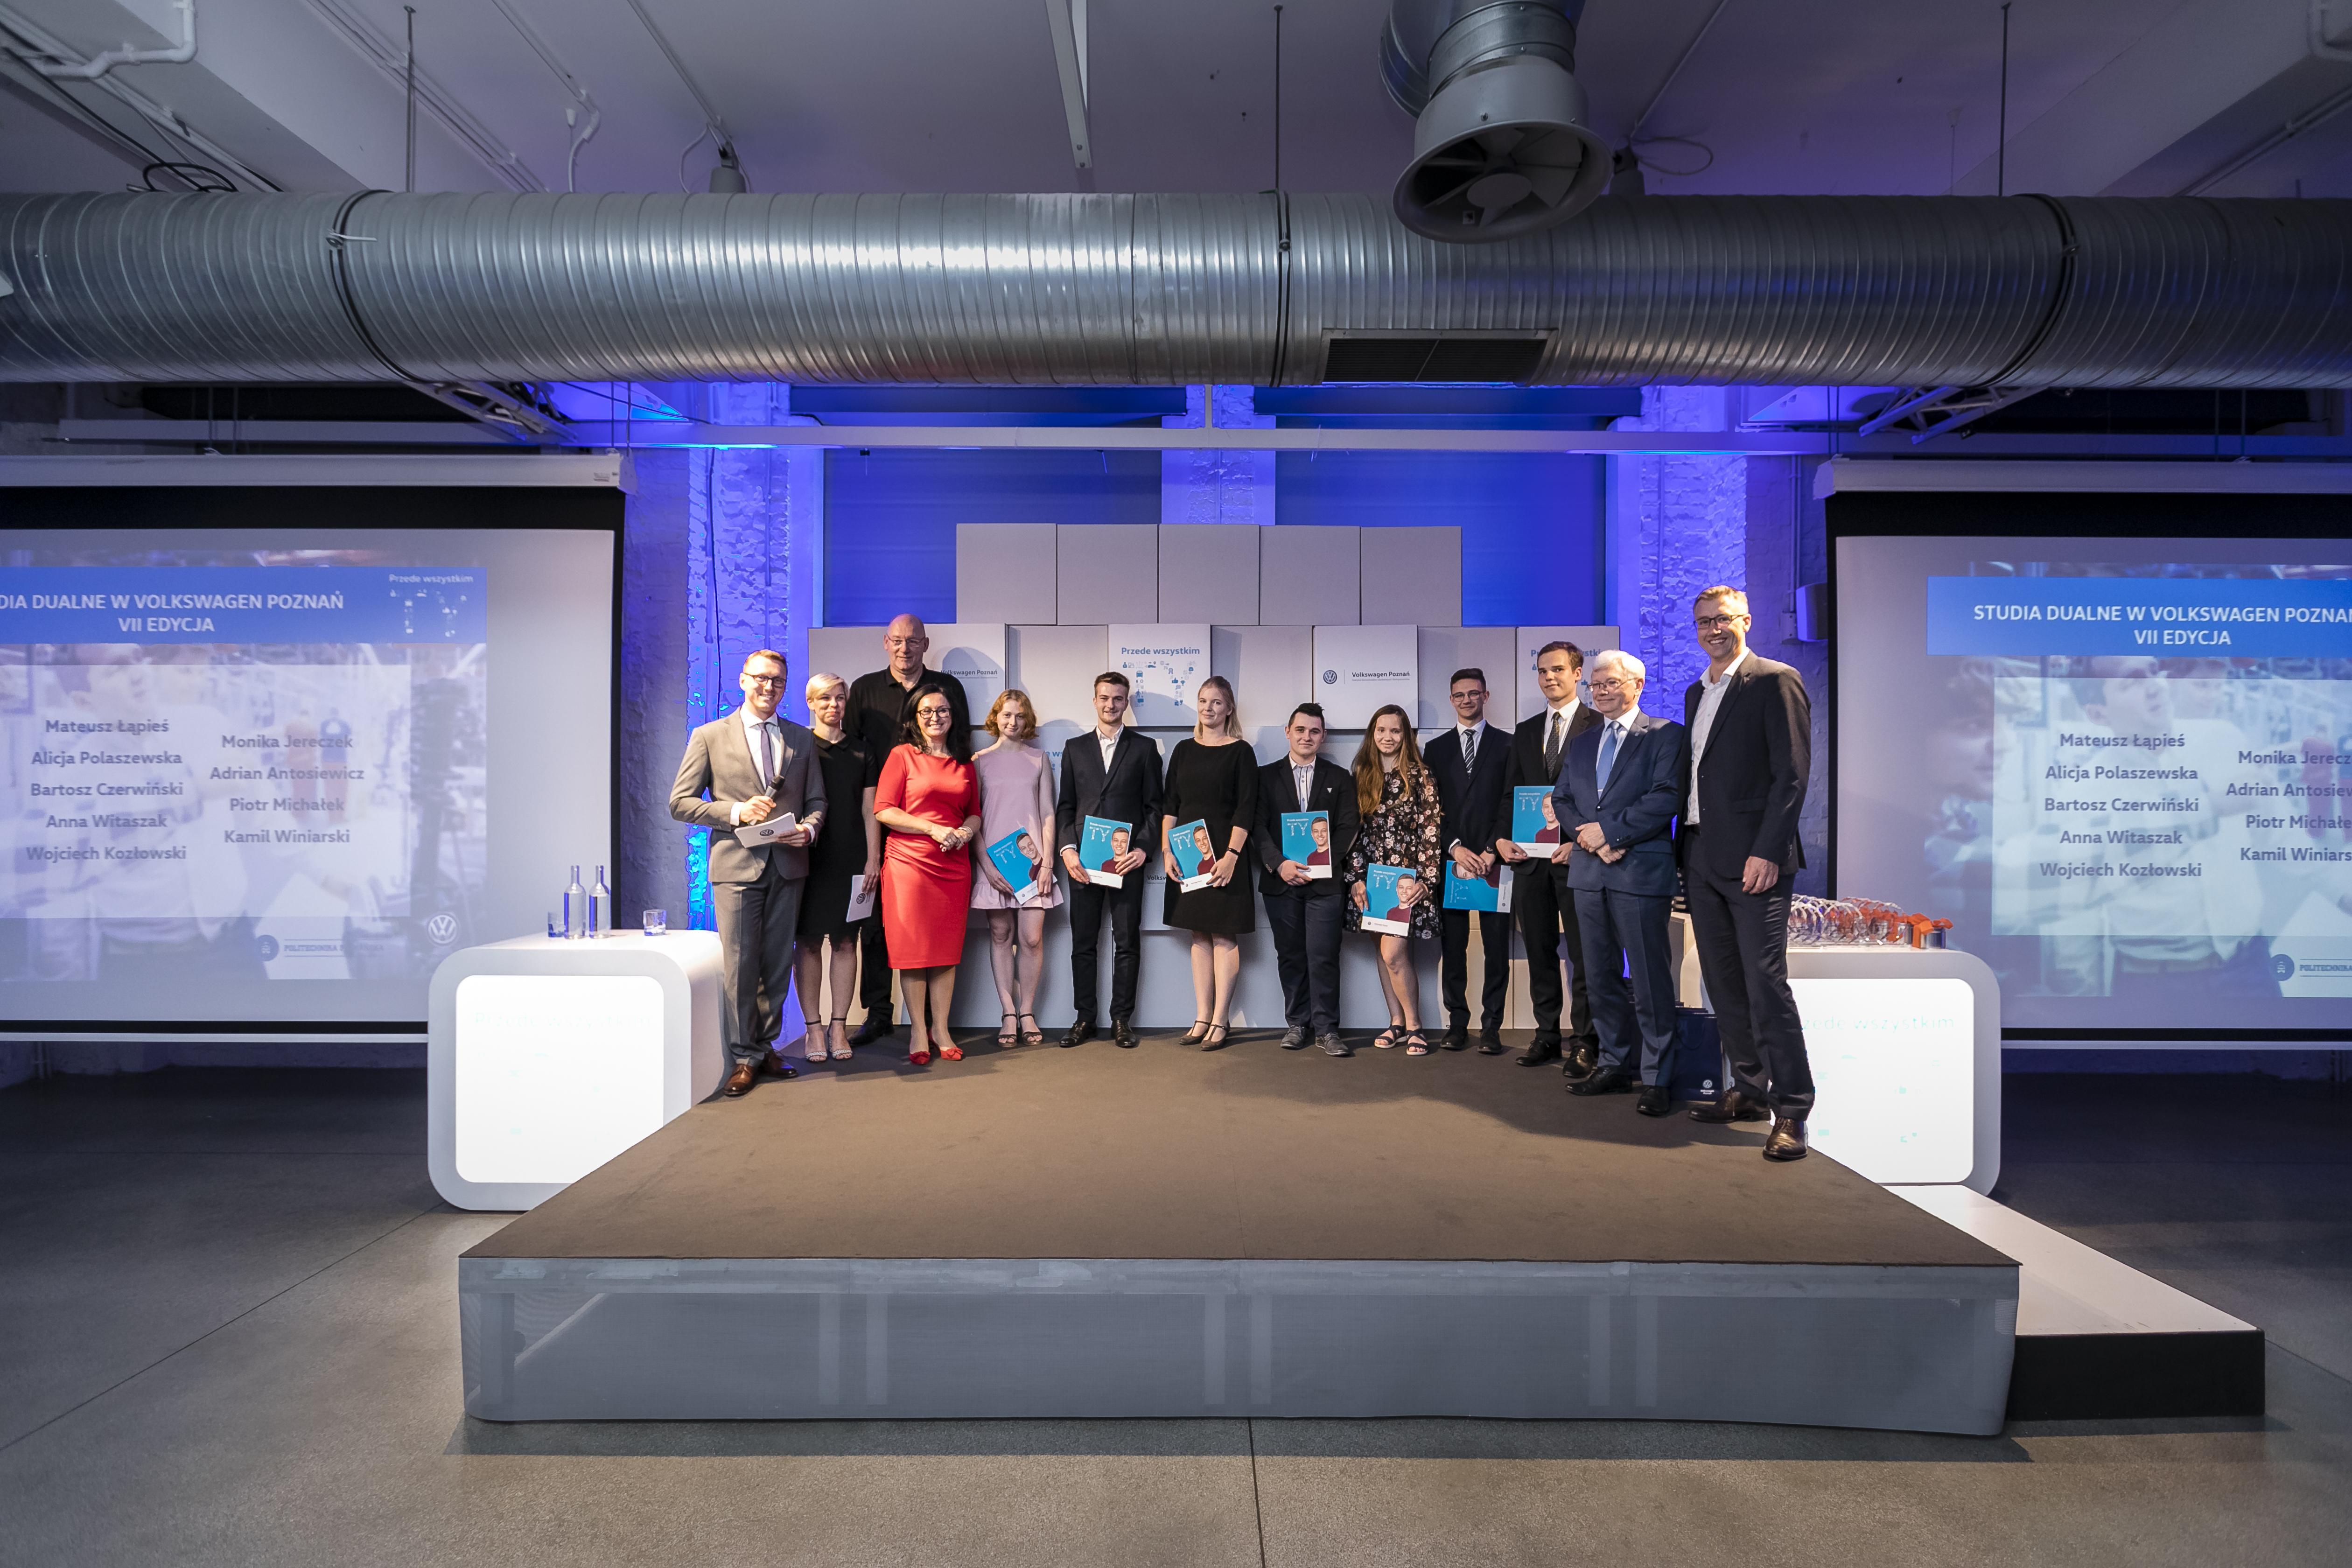 Zdjęcie z gali studentów Volkswagen Poznań. (fot. materiały prasowe/Volkswagen Poznań)